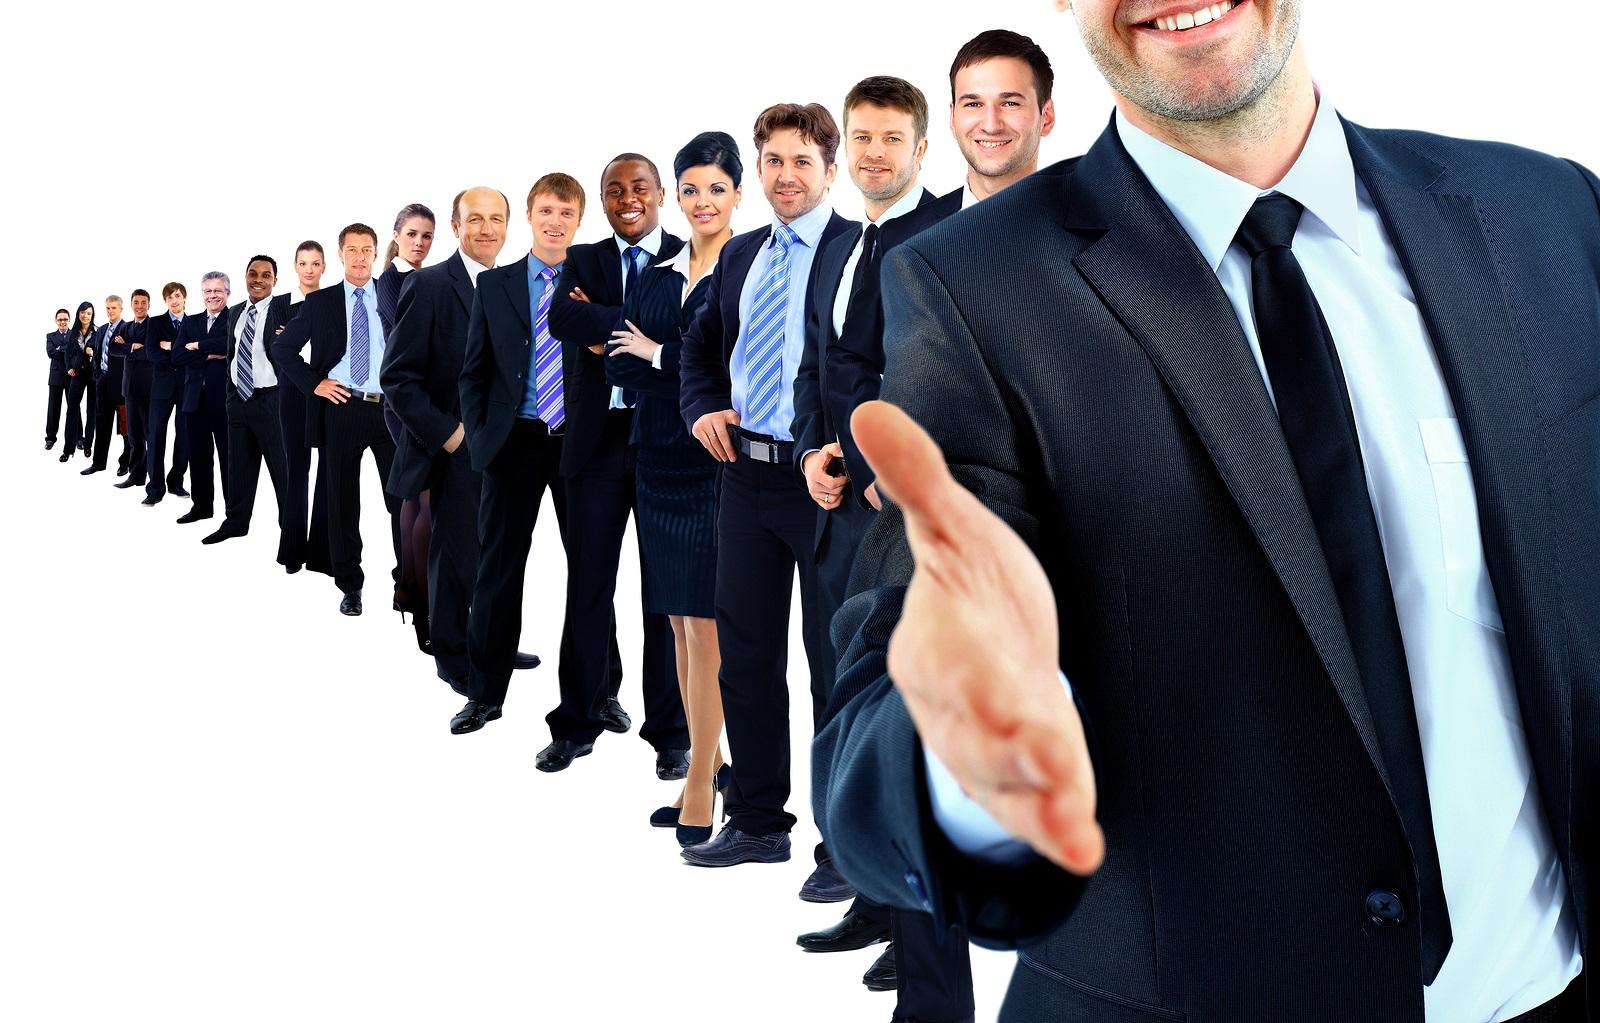 Чем полезны профессиональные сообщества руководителей?